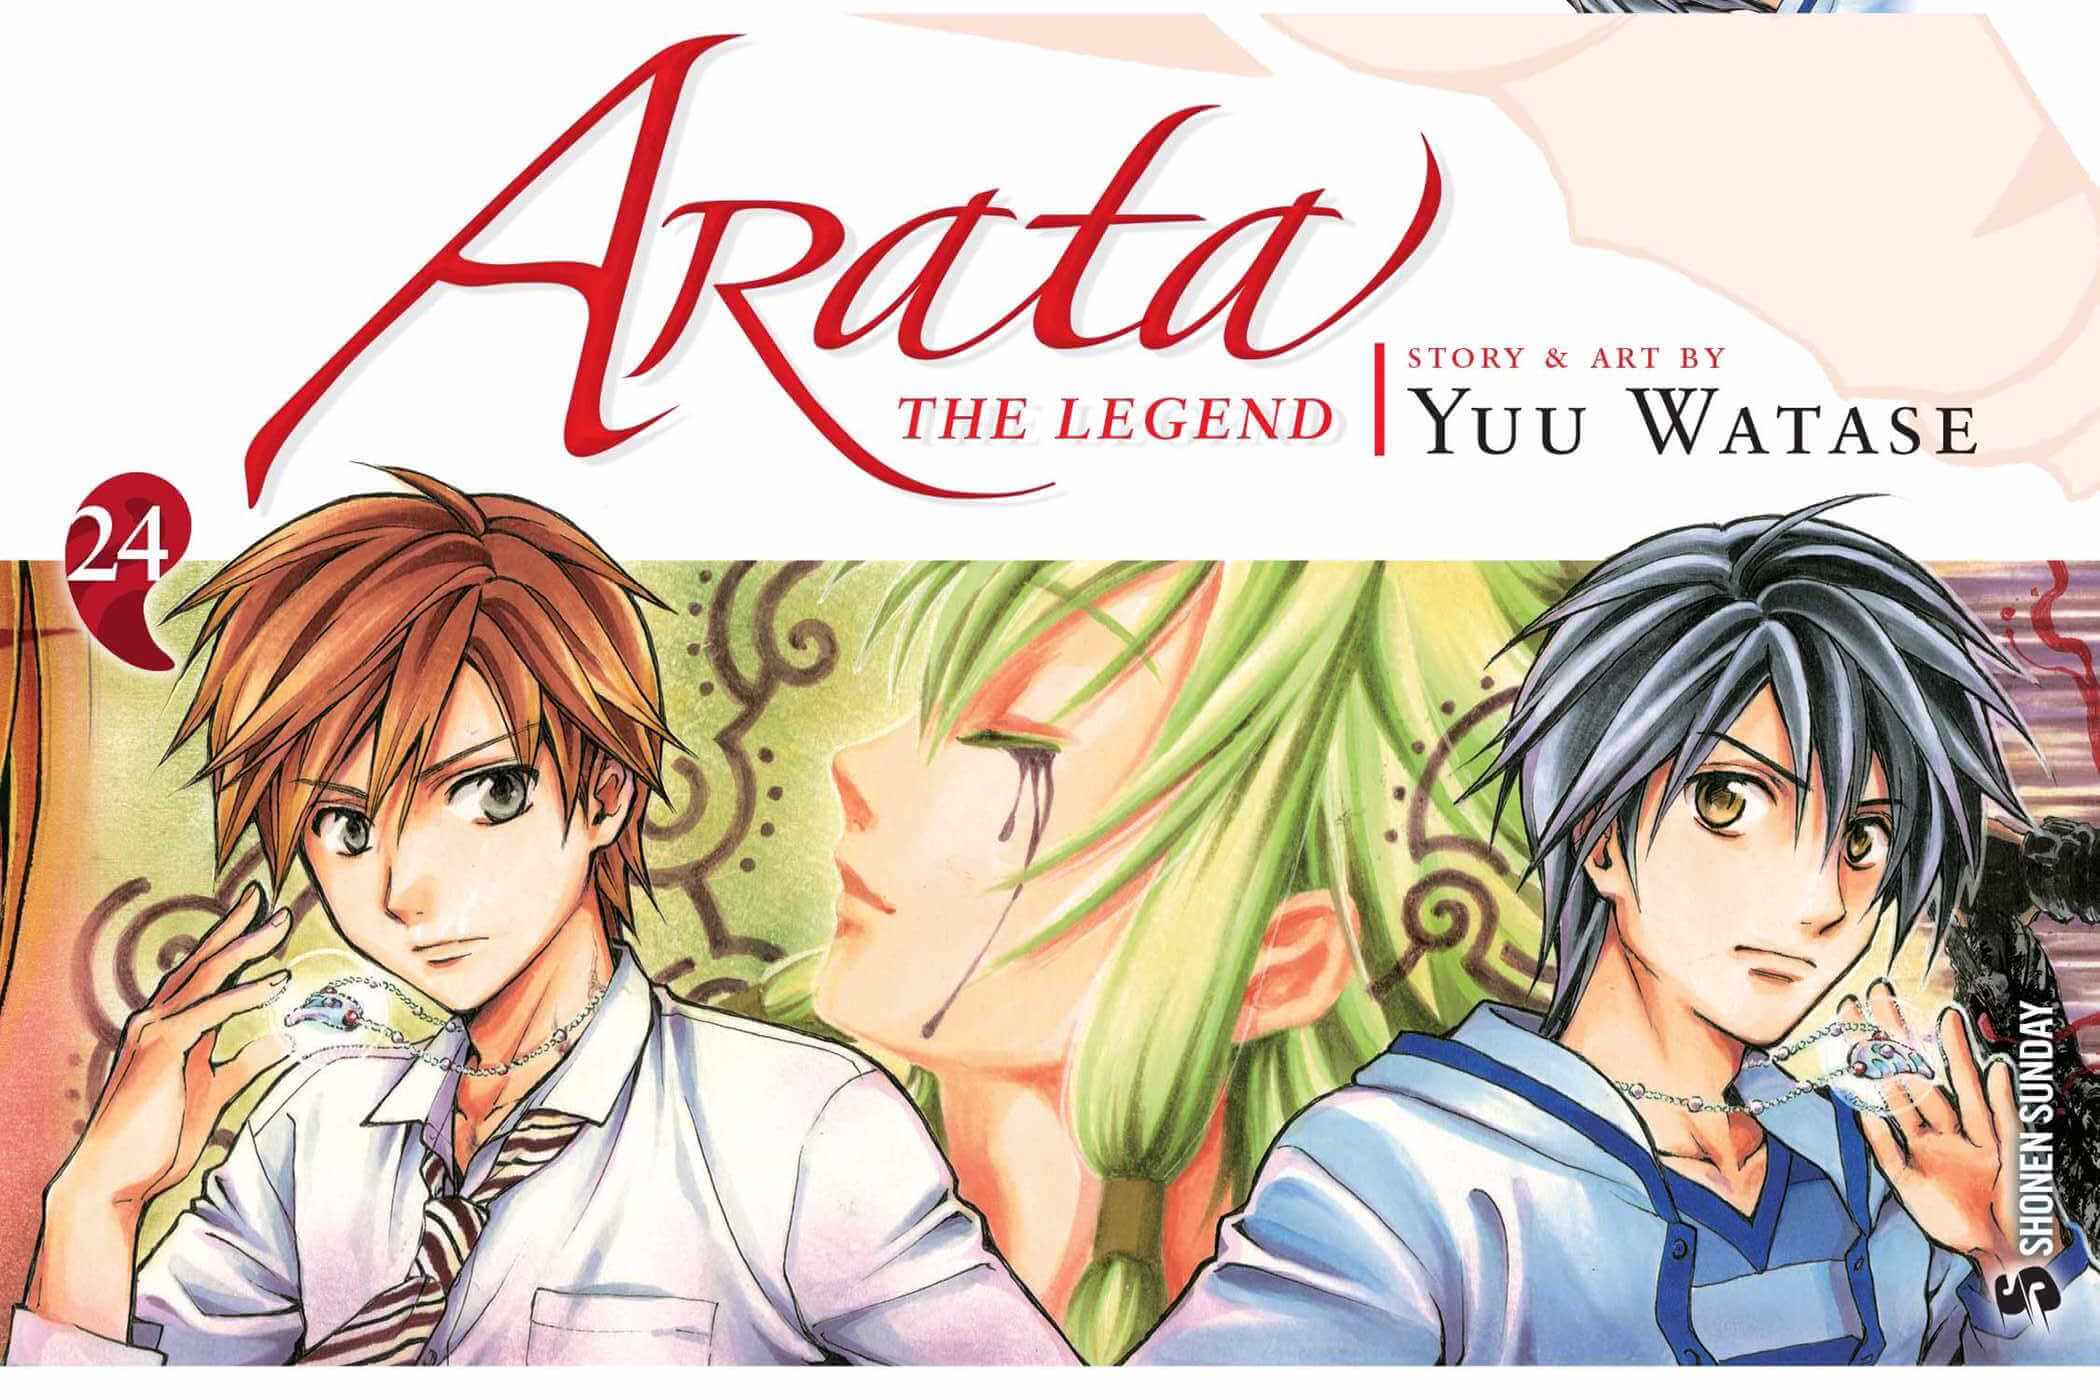 La leggenda di Arata